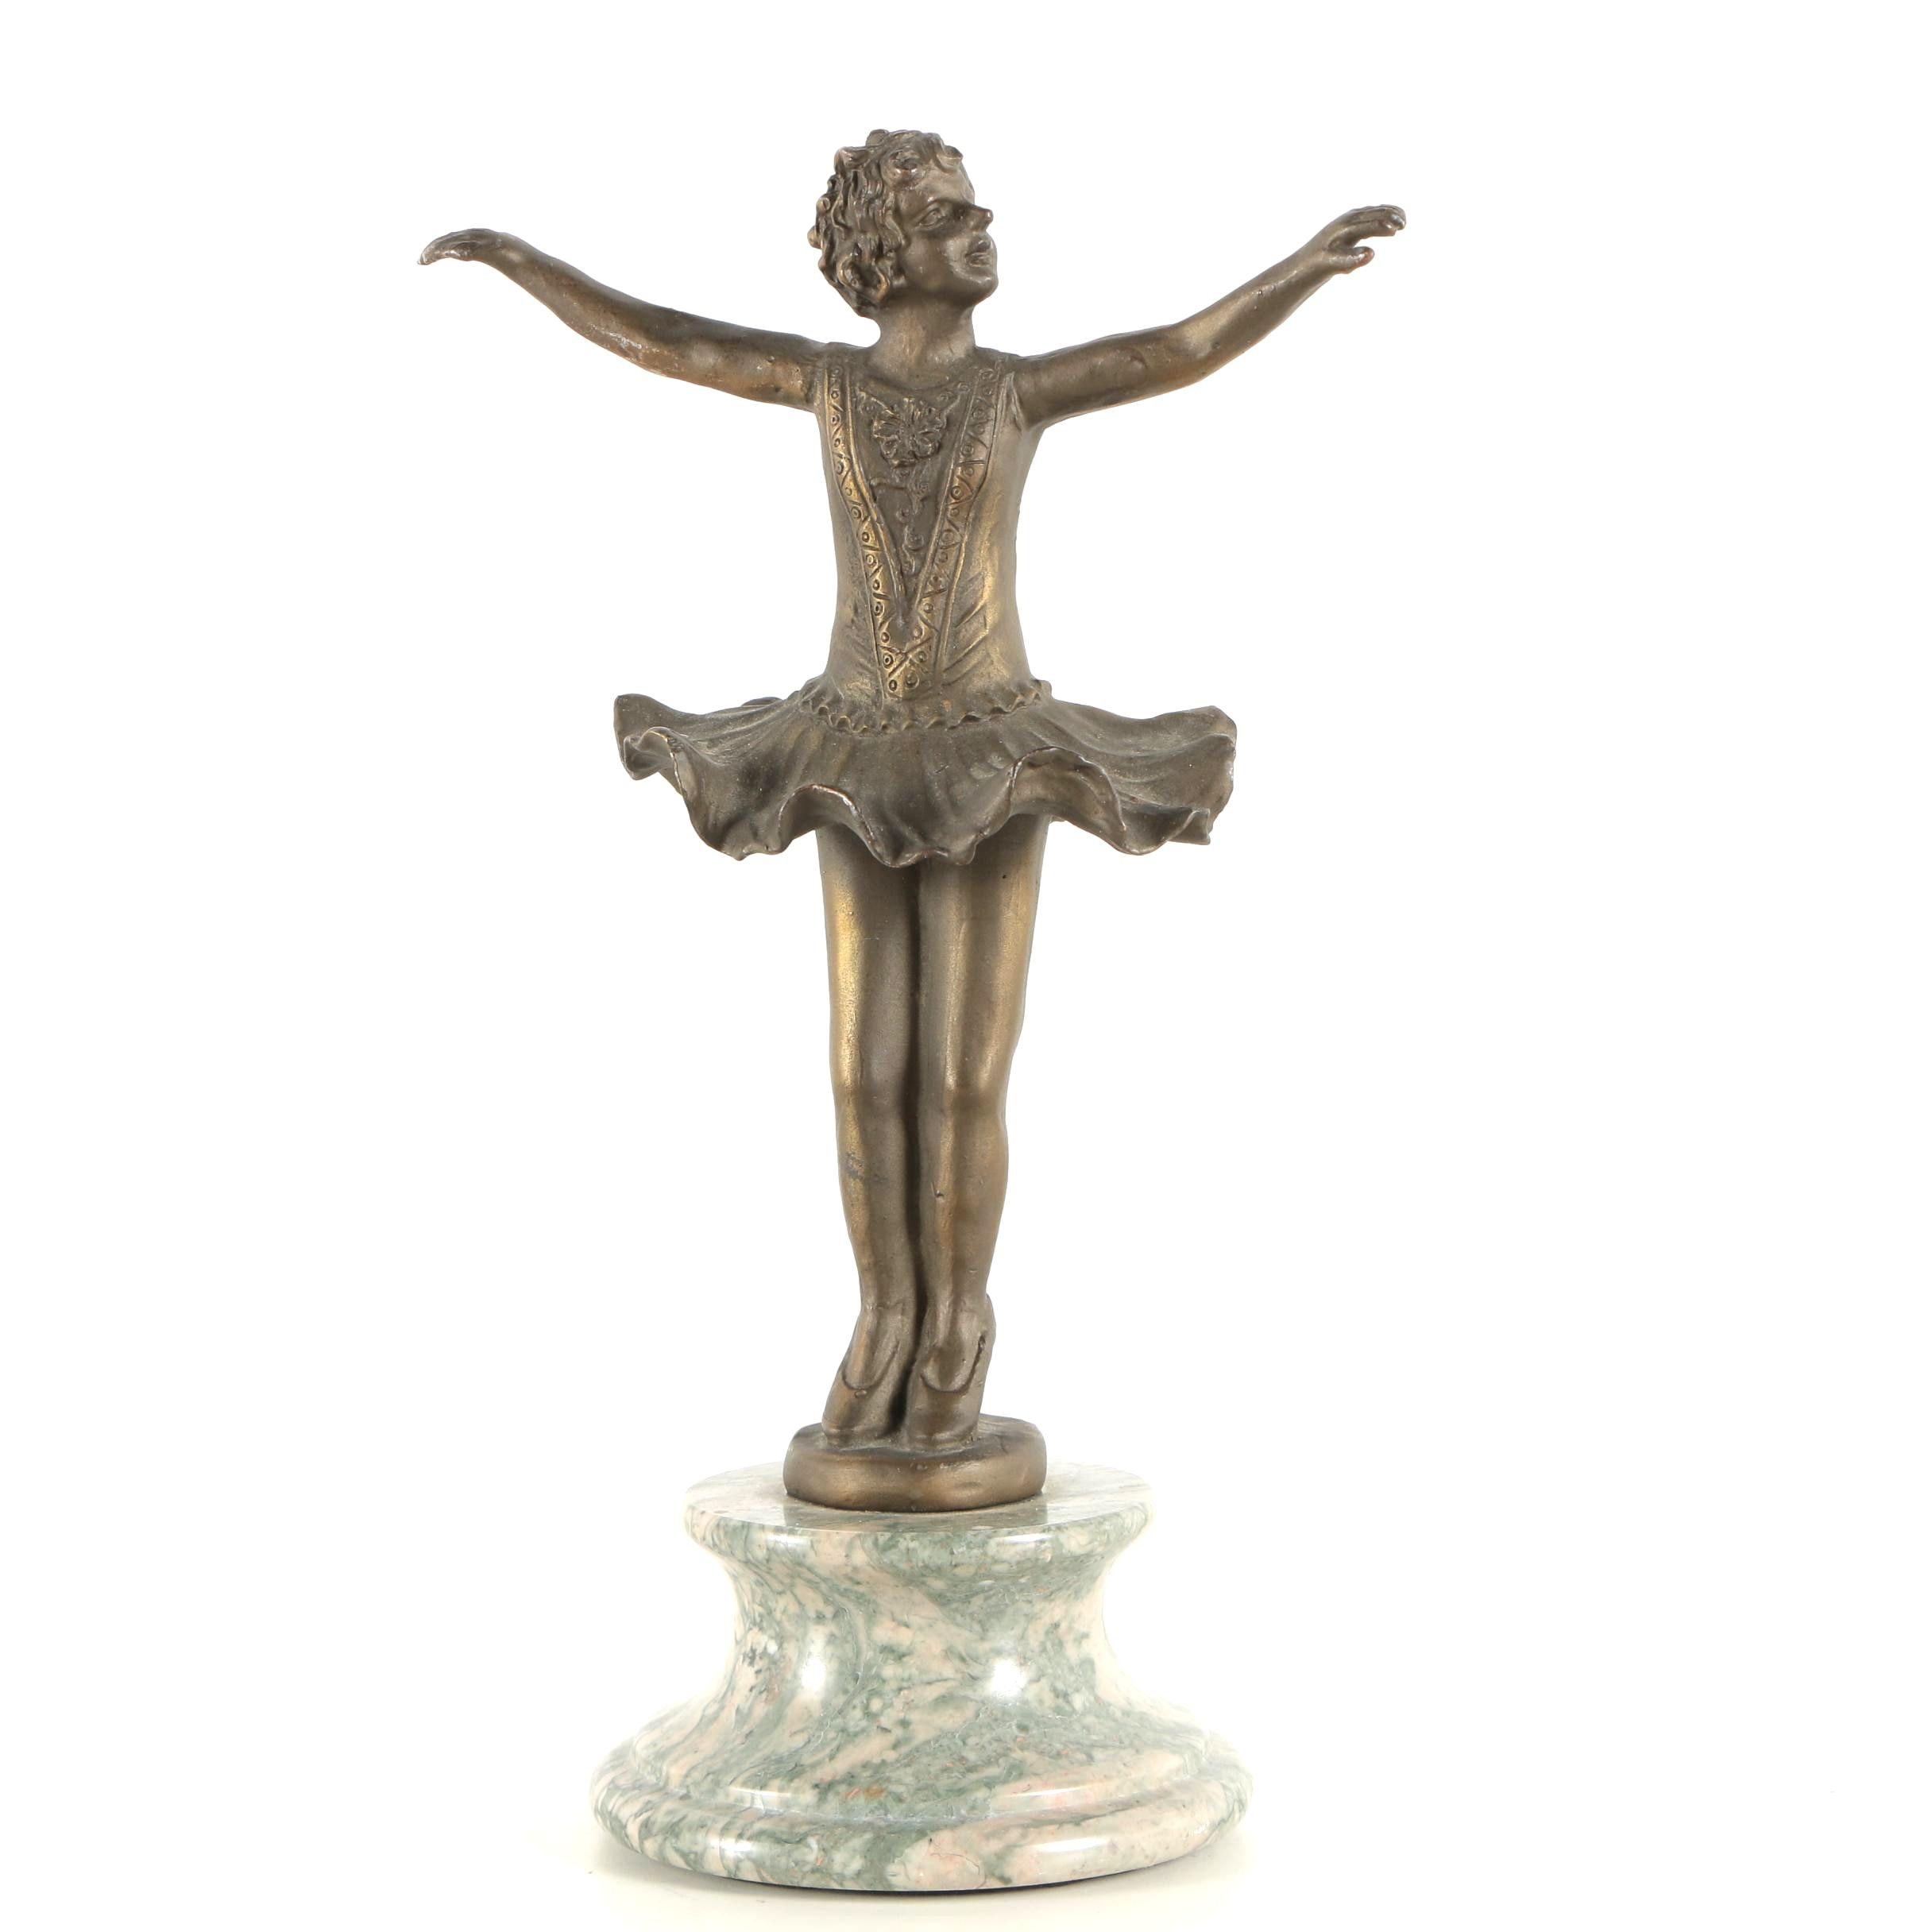 Spelter Sculpture of Ballerina